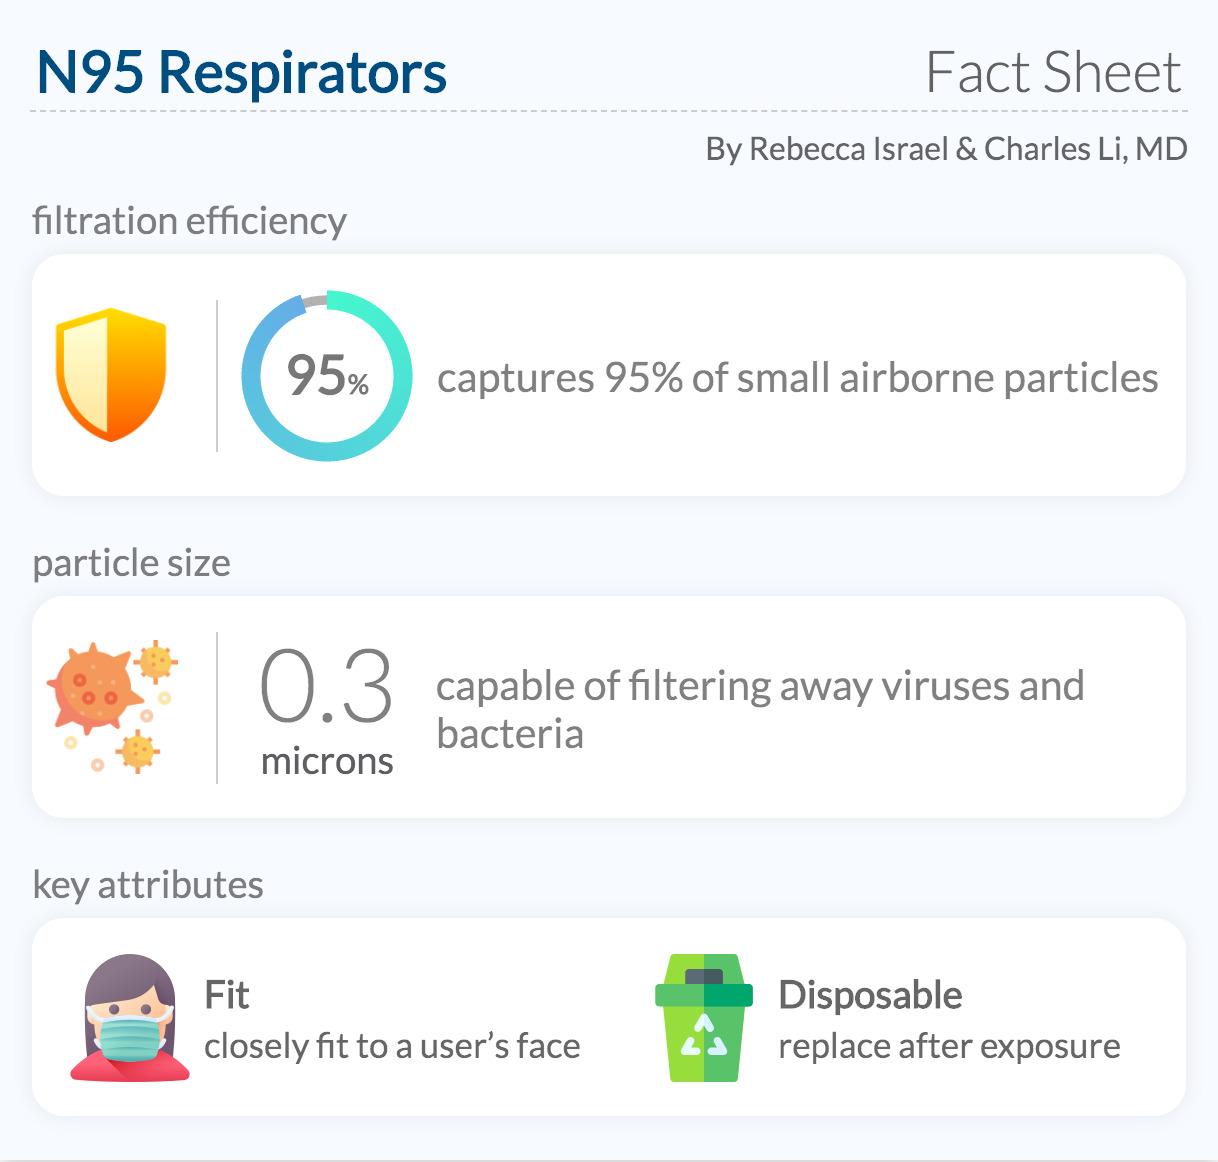 N95 Respirator Fact Sheet